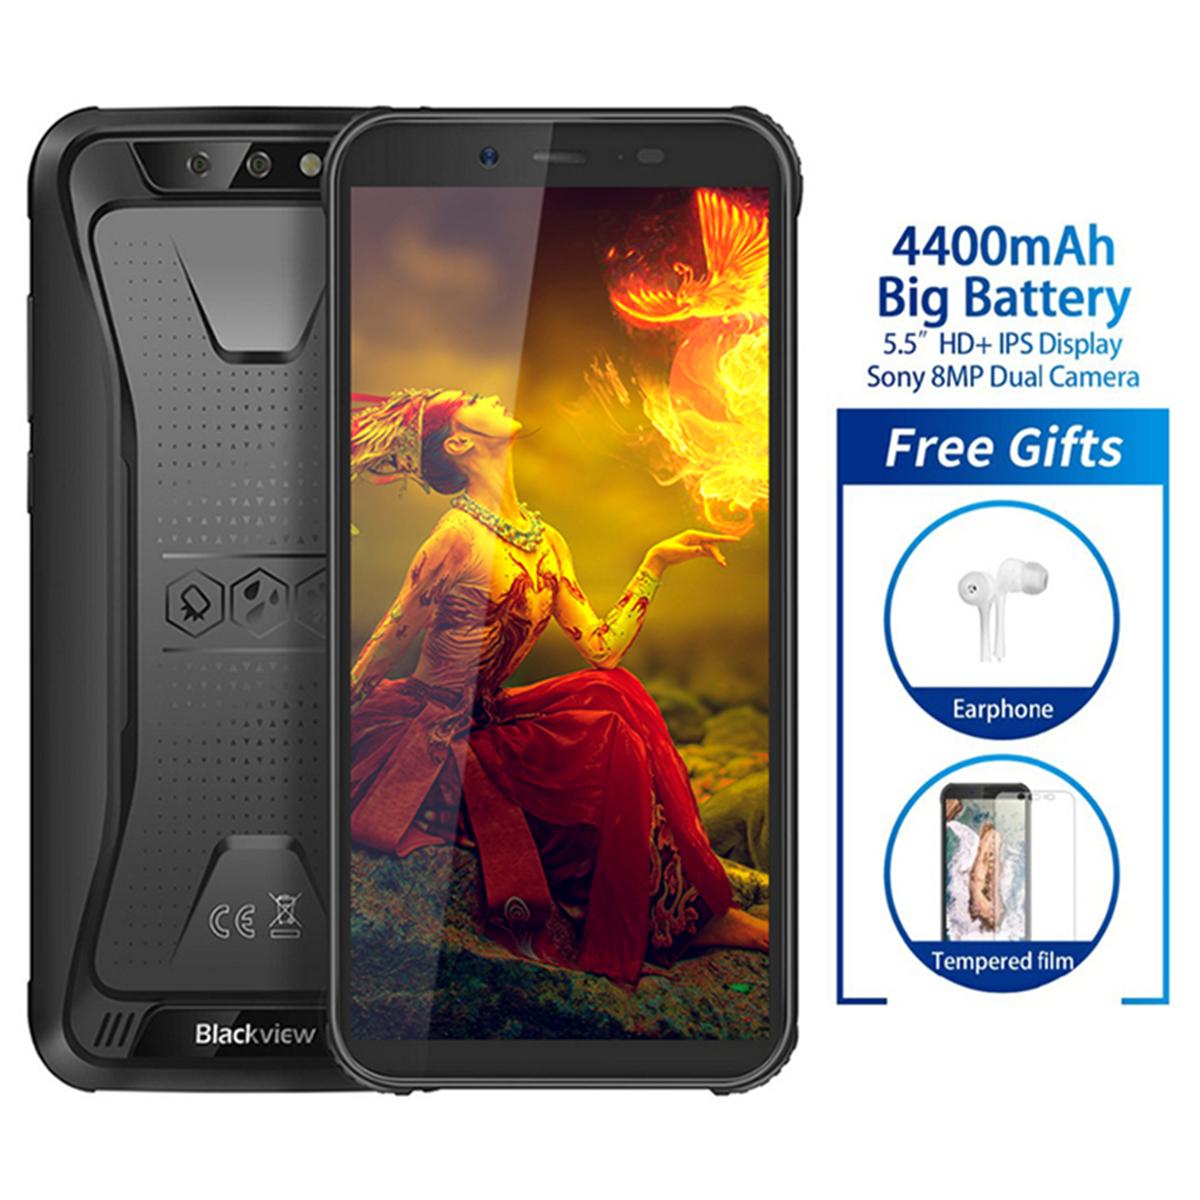 Details About Blackview Bv5500 2gb 16gb Ip68 Waterproof Rugged Smartphone 4400mah Mtk6580p